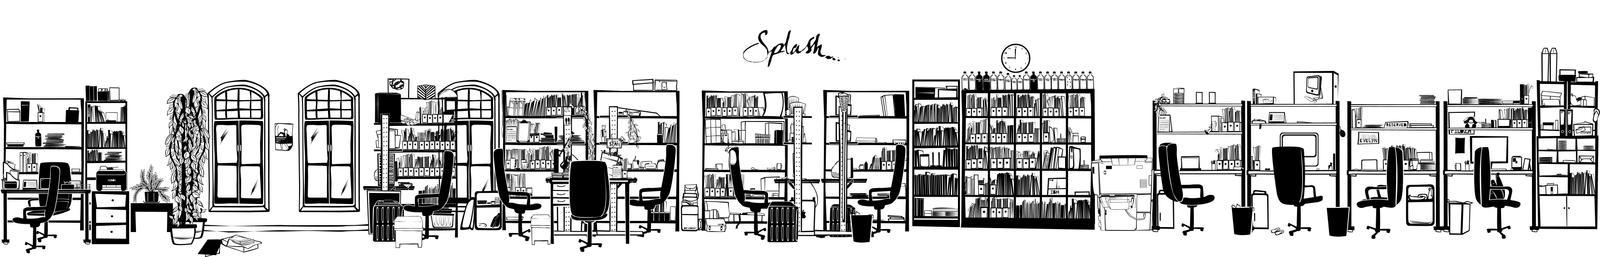 Splash studio illustration by inCubetion